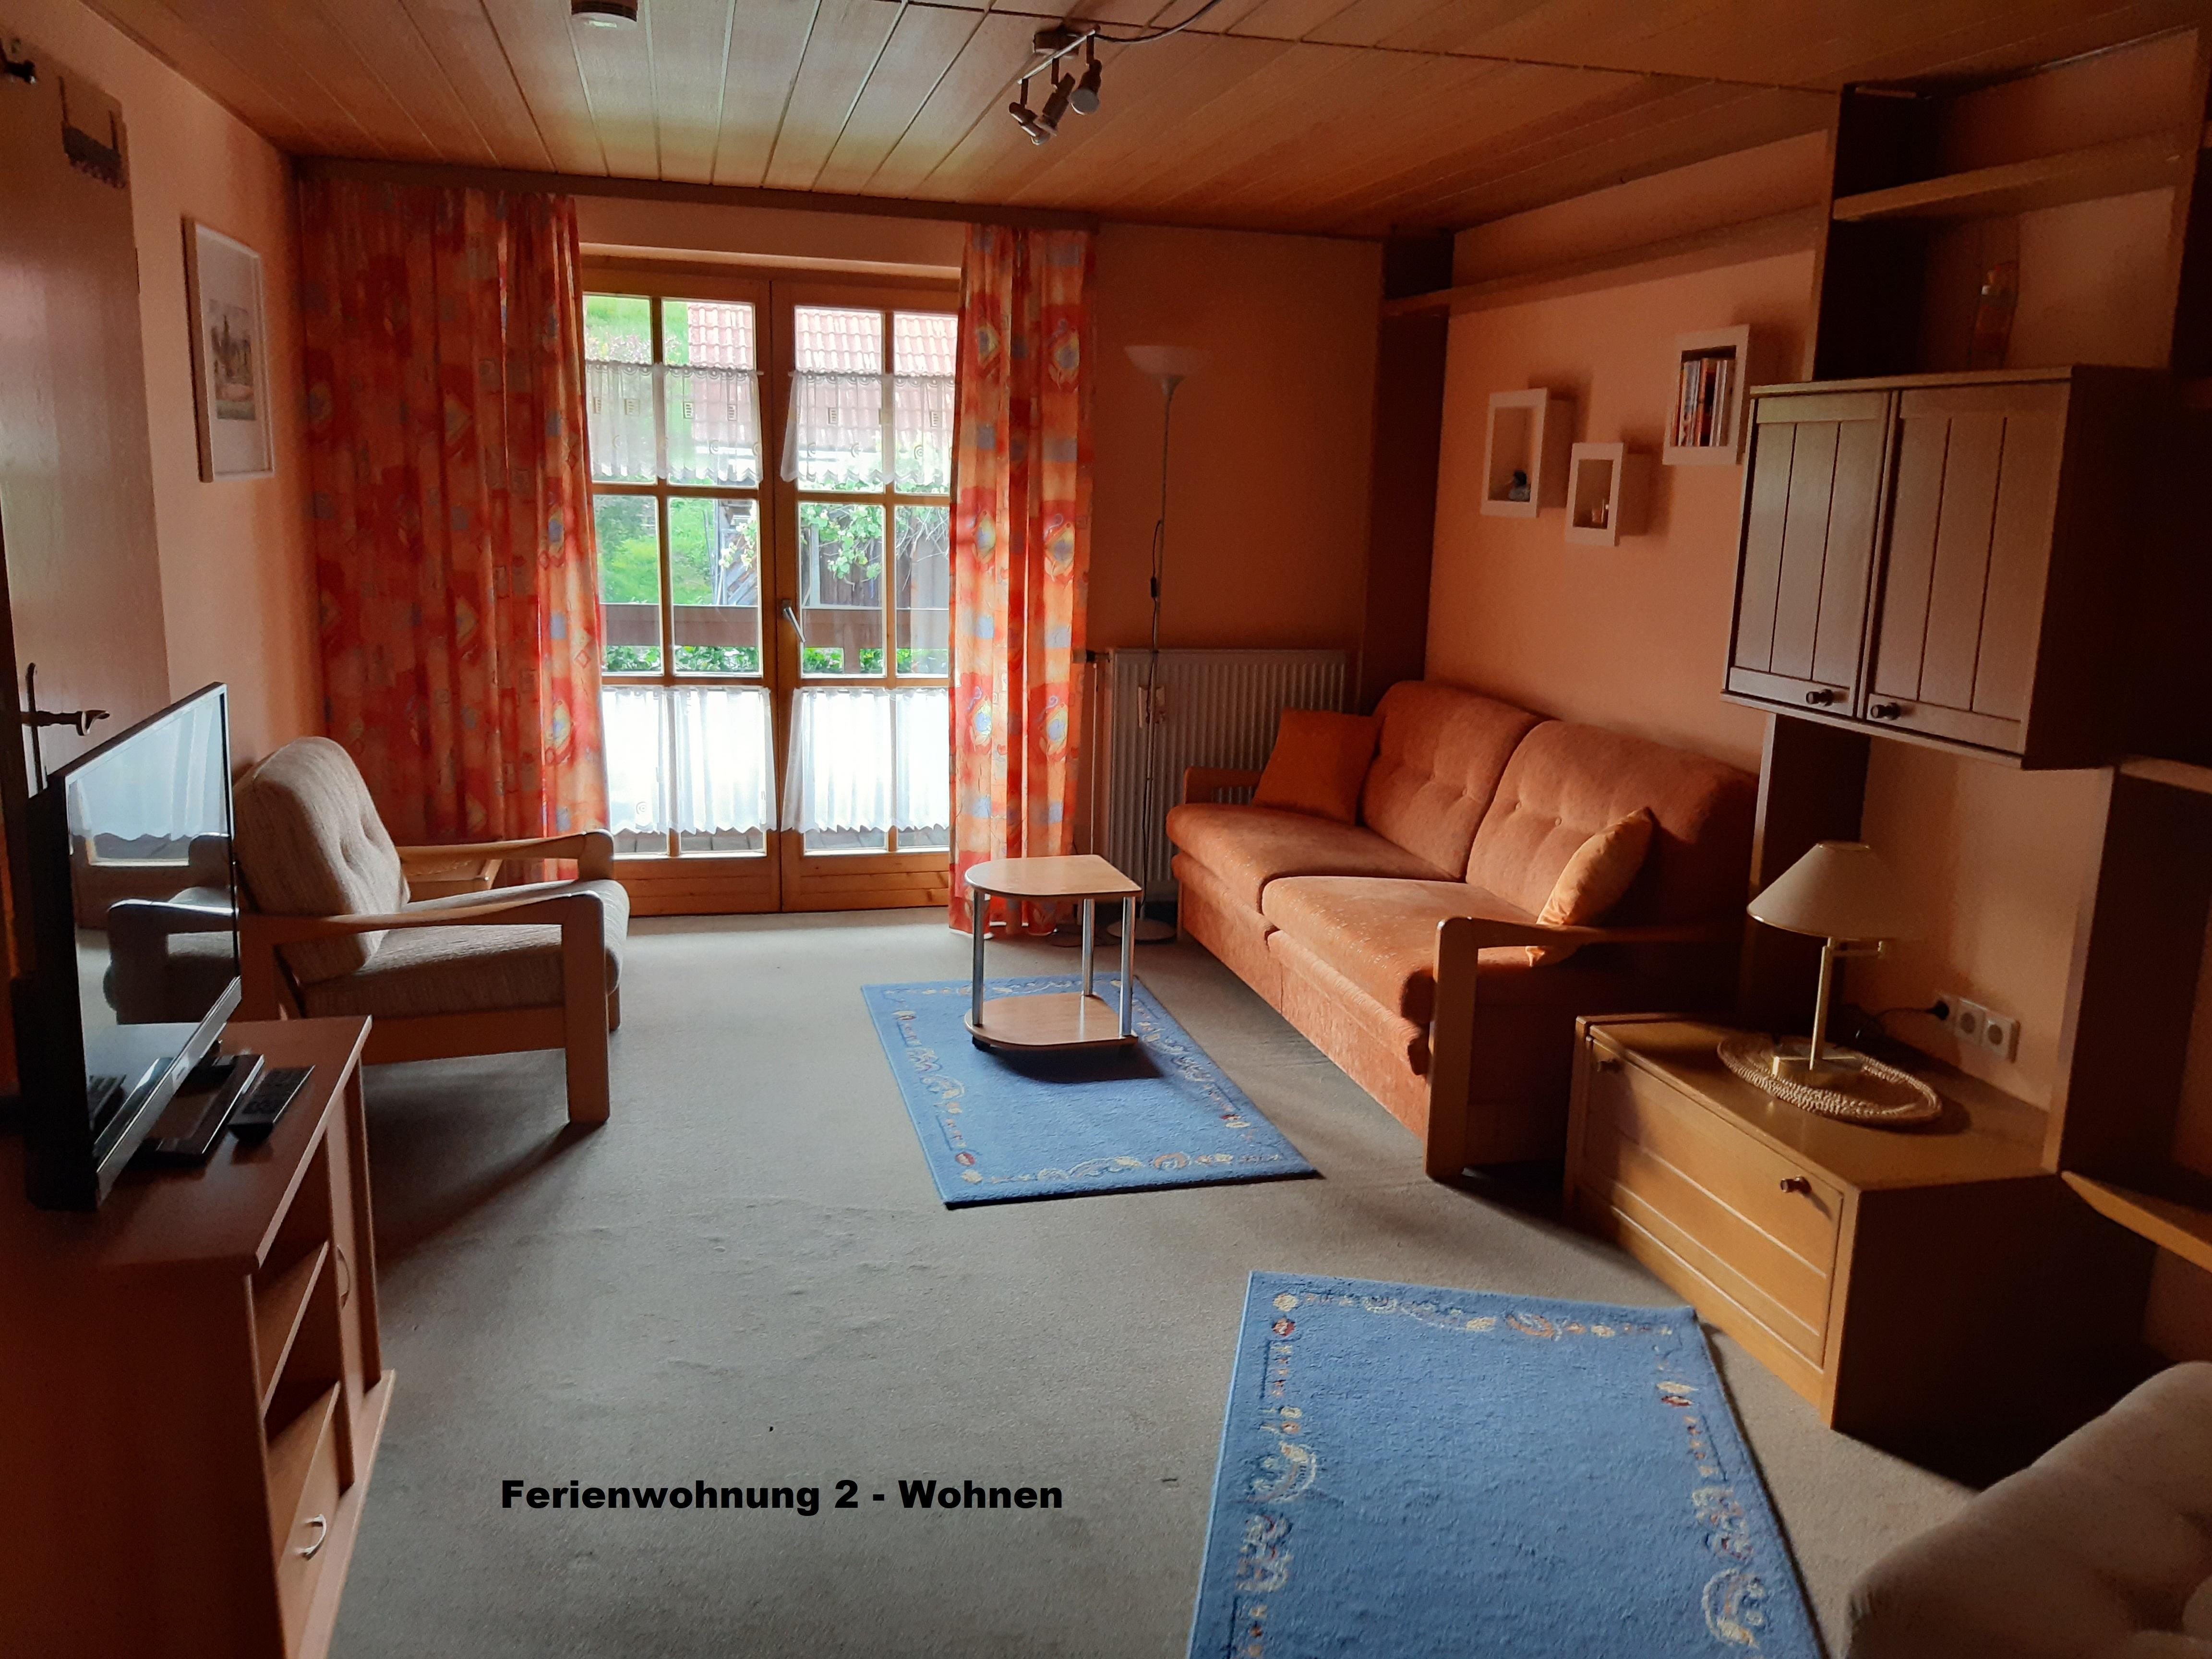 Gästehaus Fink, Ferienwohnung 2, Wohnzimmer